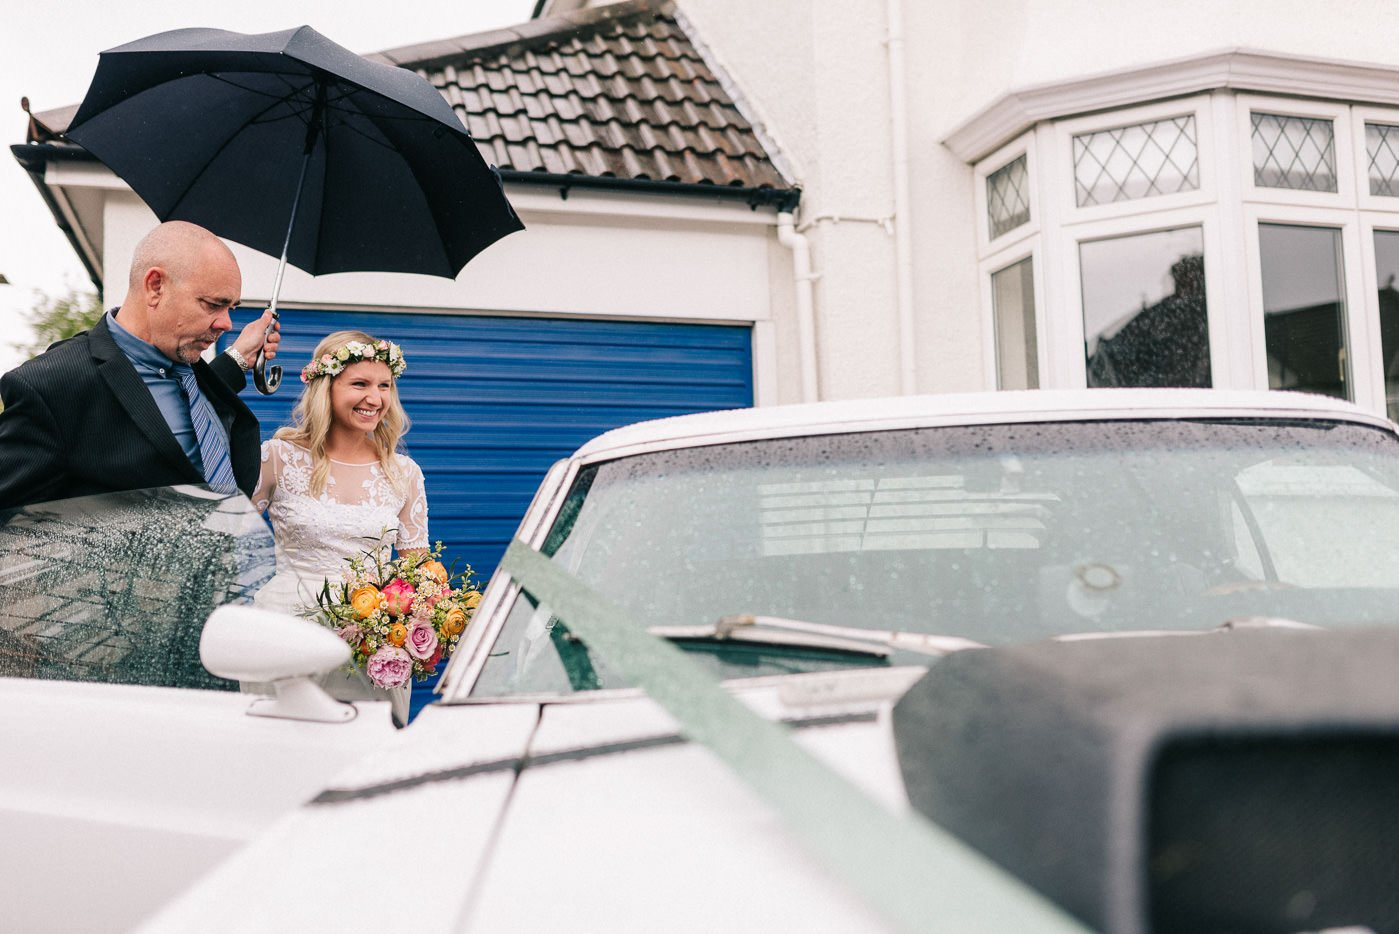 rainy wedding day paintworks wedding photographer